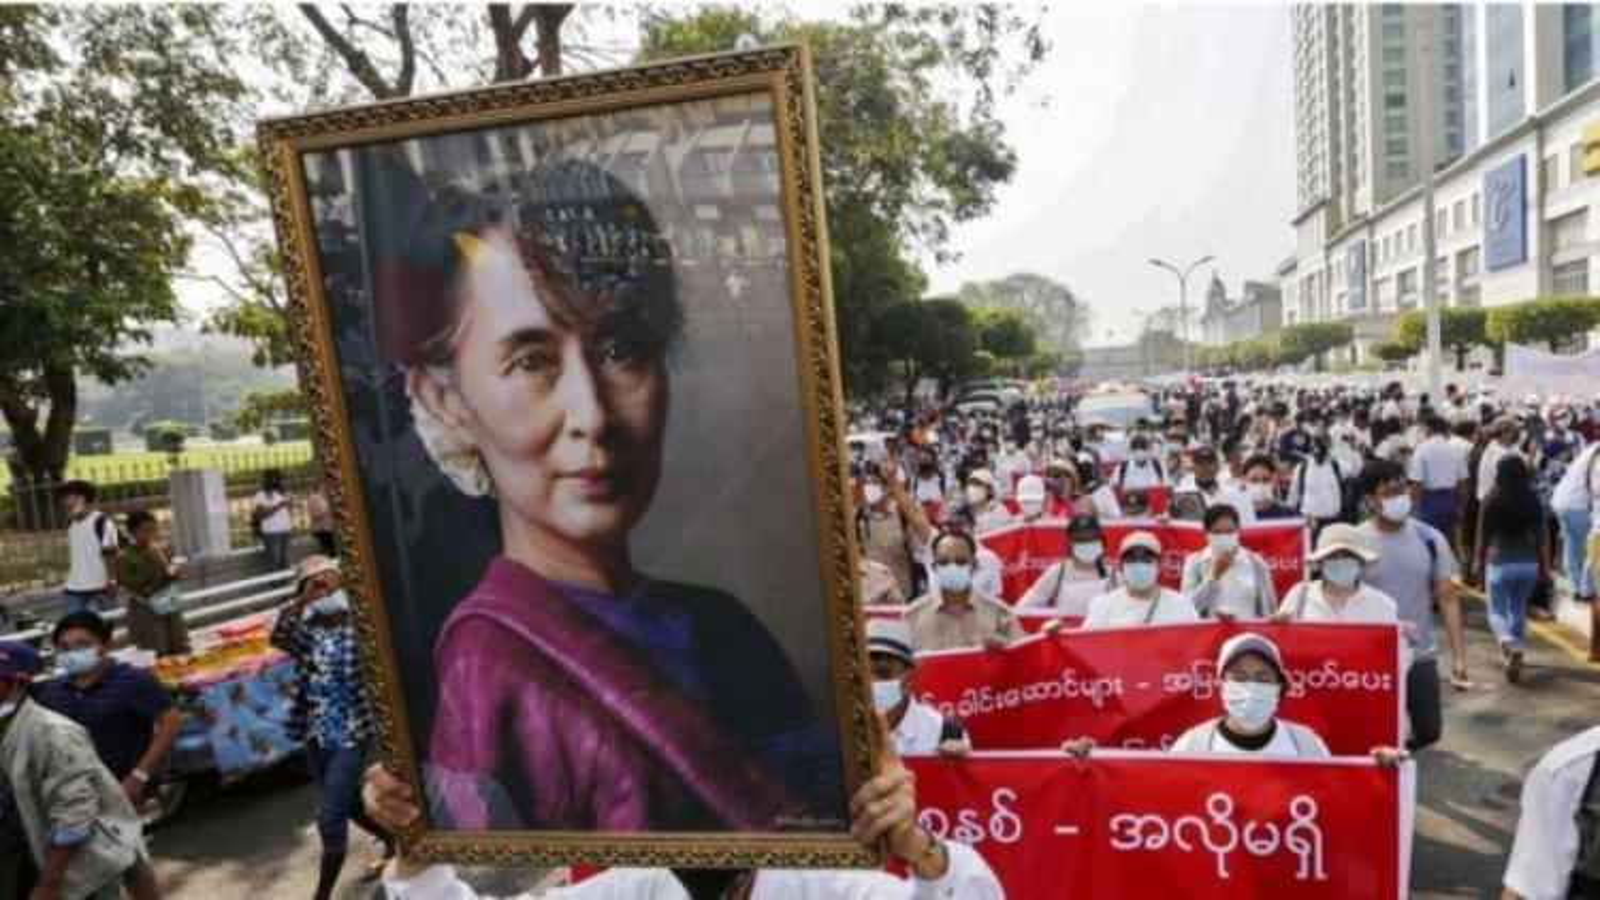 Thái Lan sẵn sàng hỗ trợ Myanmar theo đuổi giải pháp hoà bình